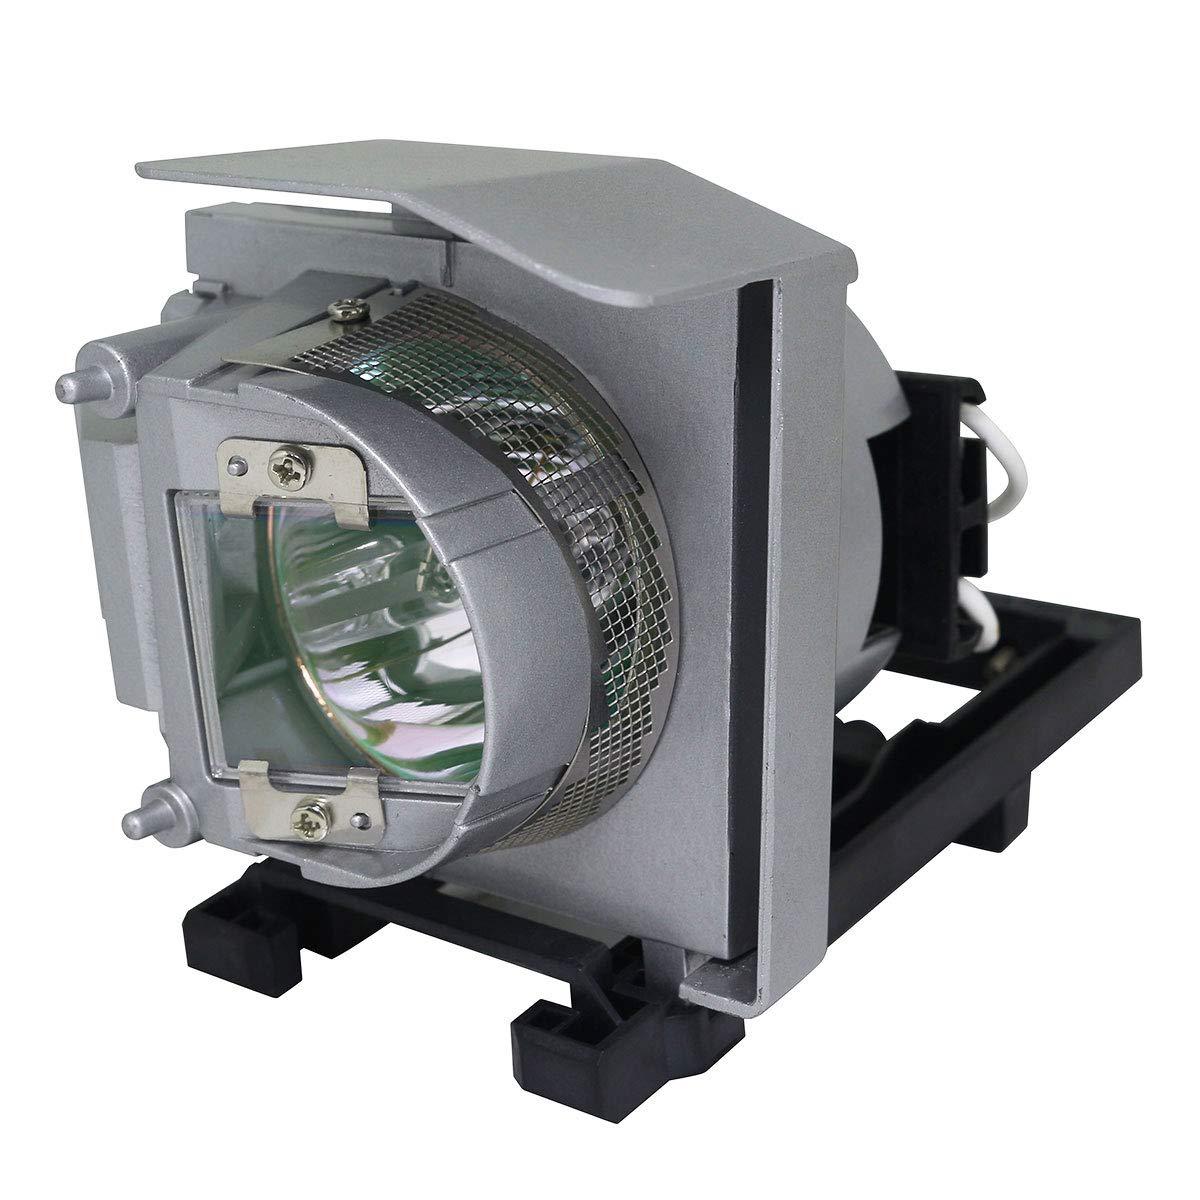 ET-LAC200 Проектор Лампа для проектора Панасоник PT-CW240 CW240U CW240 CW240U CW240 CW240U PT-CW241R CW241RE CW241RU CW240 CW240U CW241R